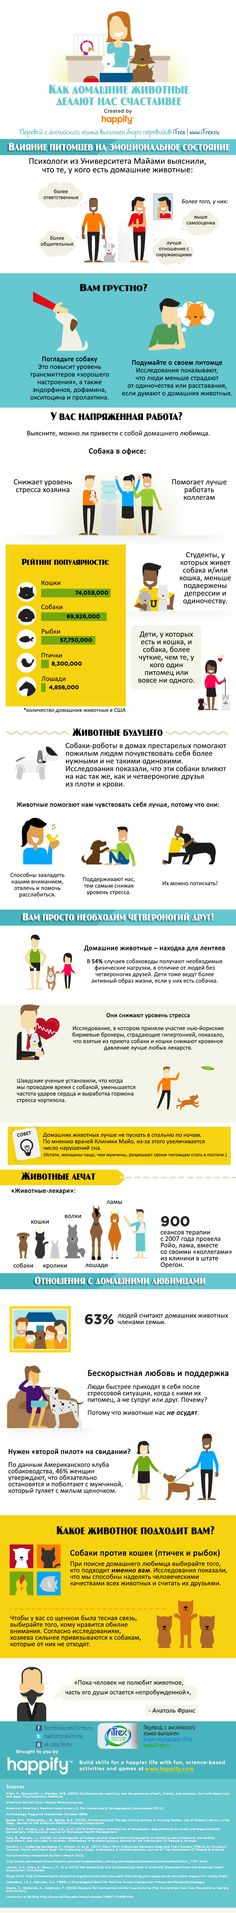 Вот, теперь есть аргументы за то, чтобы завести в доме и офисе животное. Лошадь, например :) http://itrex.ru/news/zhivotnye-delaut-nas-schastlivee